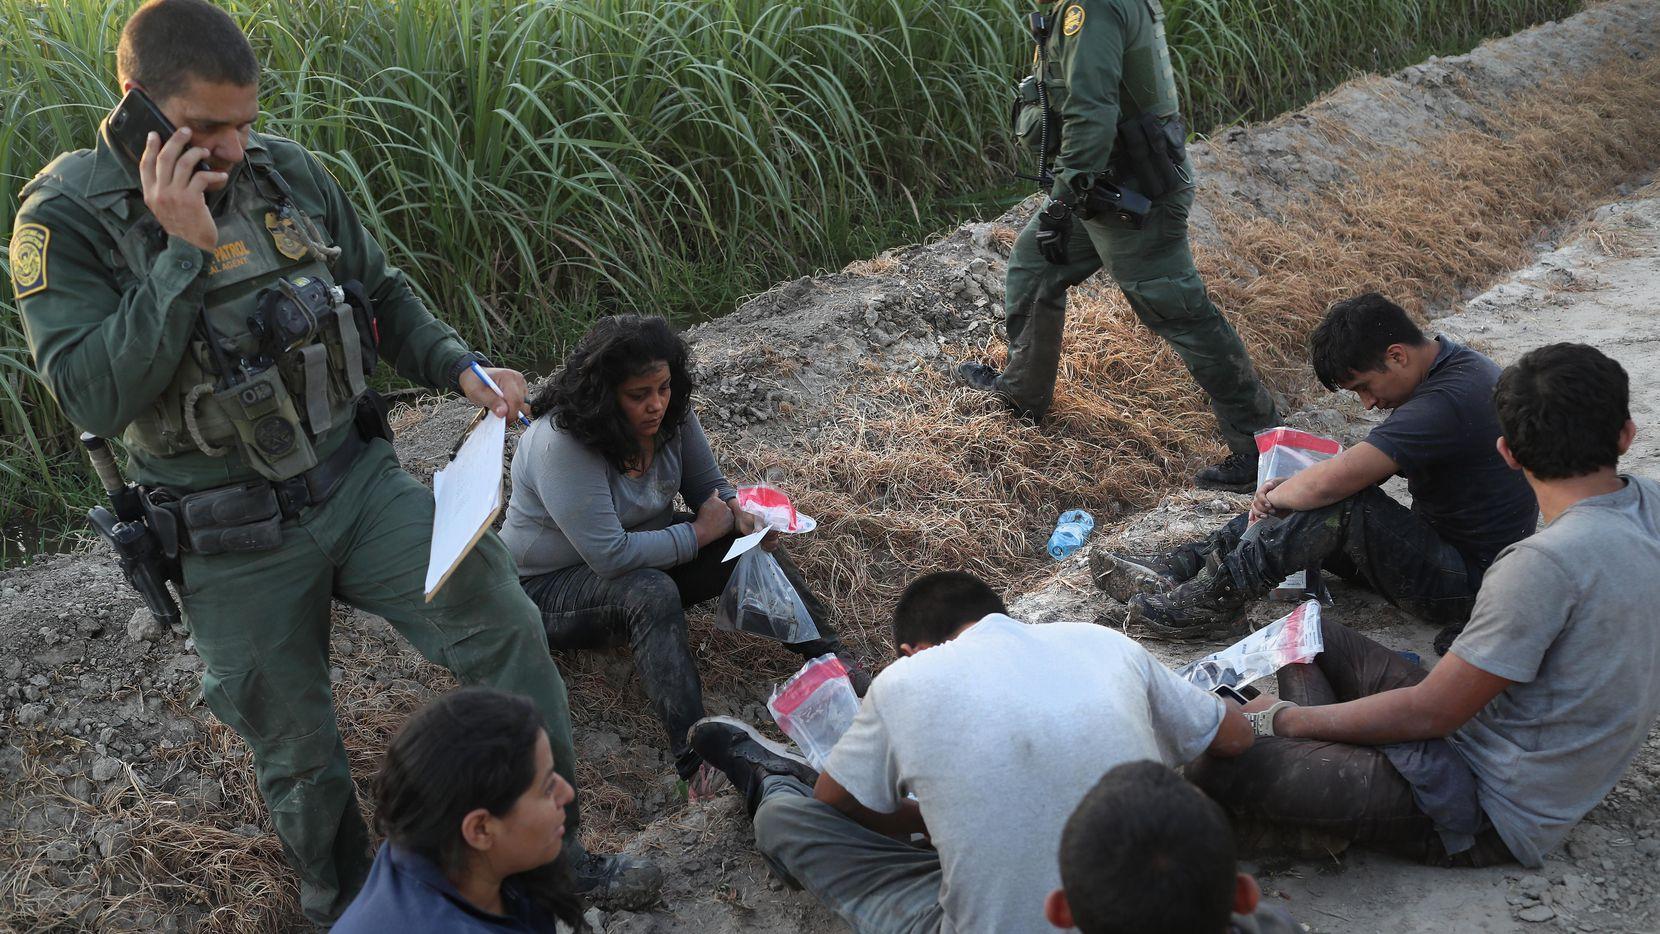 Agentes de la Patrulla Fronteriza detienen a una grupo de inmigrantes de centroamerica en la orilla del Río Grande, en la frontera entre Estados Unidos y México. (GETTY IMAGES/JOHN MOORE)